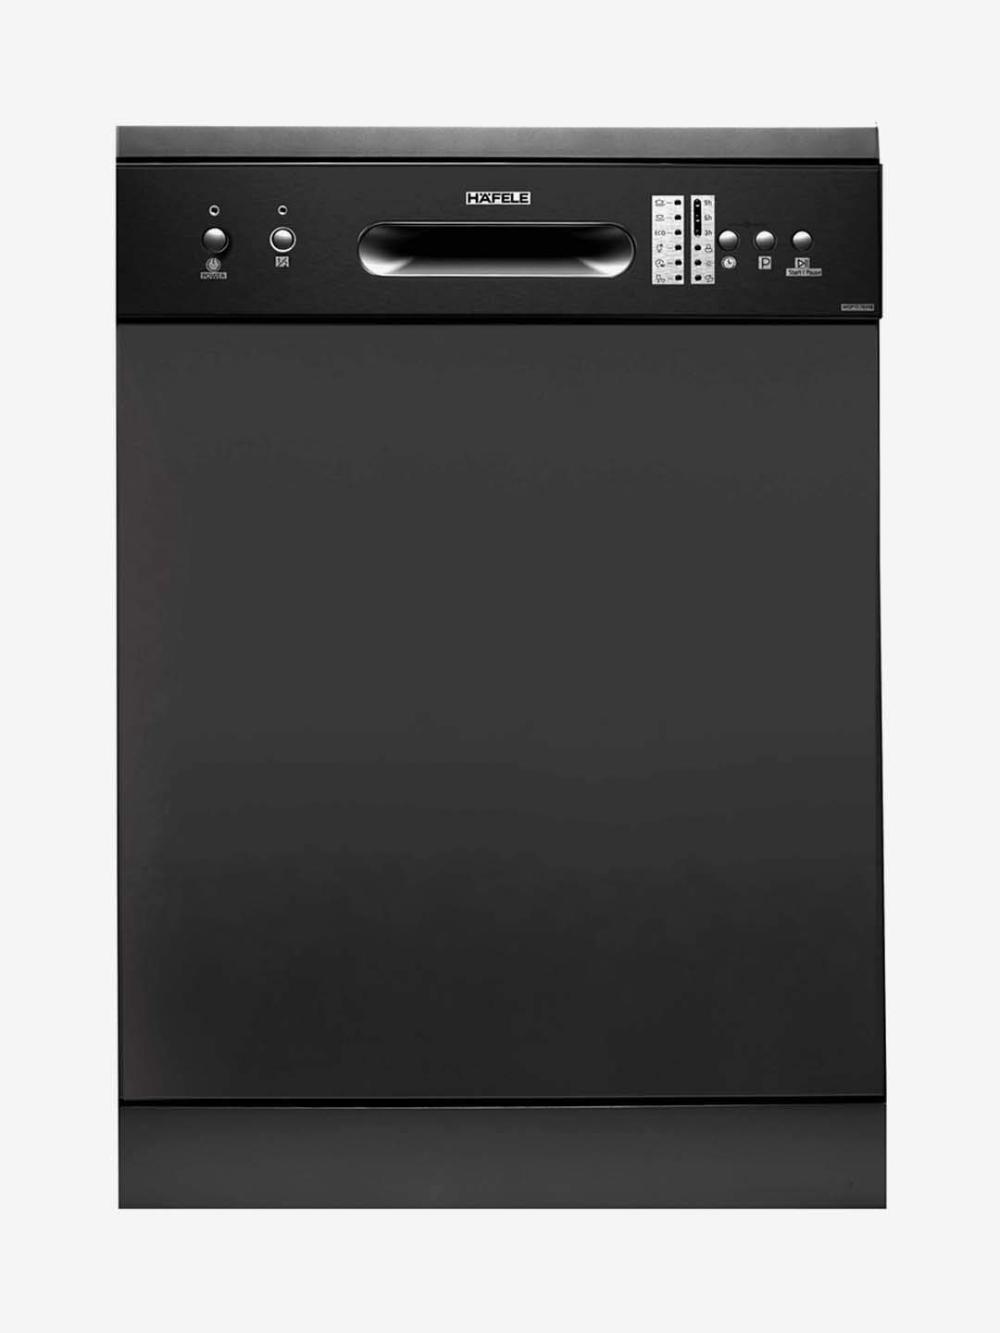 Best Dishwasher Machine India 2021 Top 7 Brands Reviews Best Dishwasher Dishwasher Machine Hafele